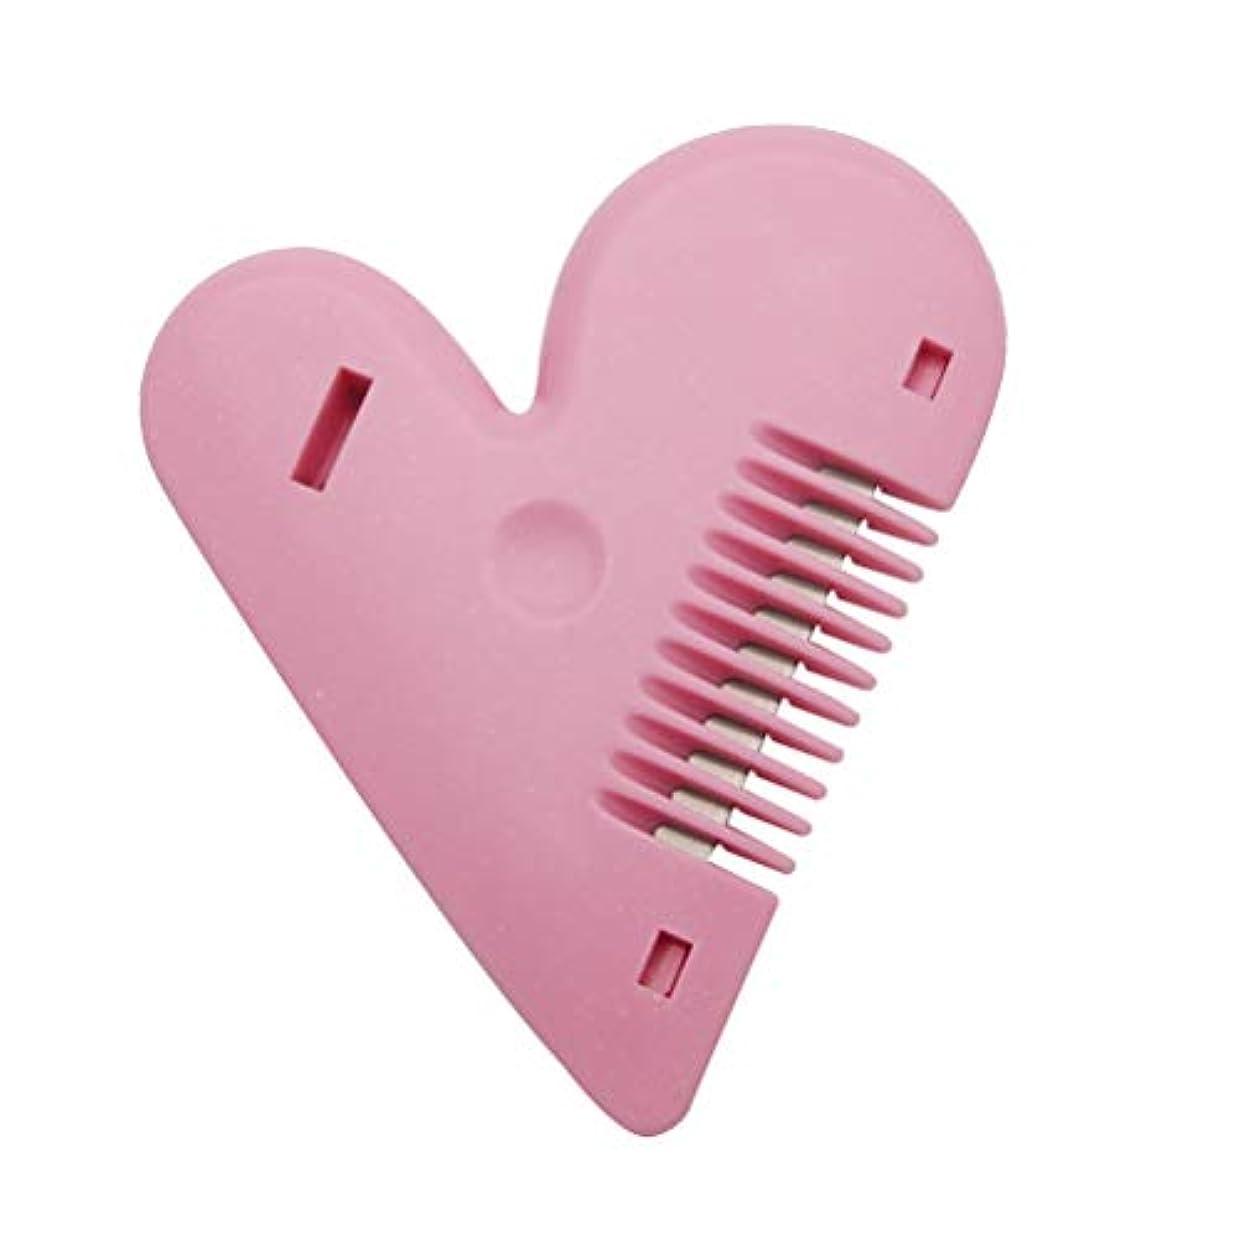 有限ひも毛細血管Lurrose 両面間伐櫛ハート型ヘアカットハサミプラスチックトリマーカミソリ髪用(ピンク)